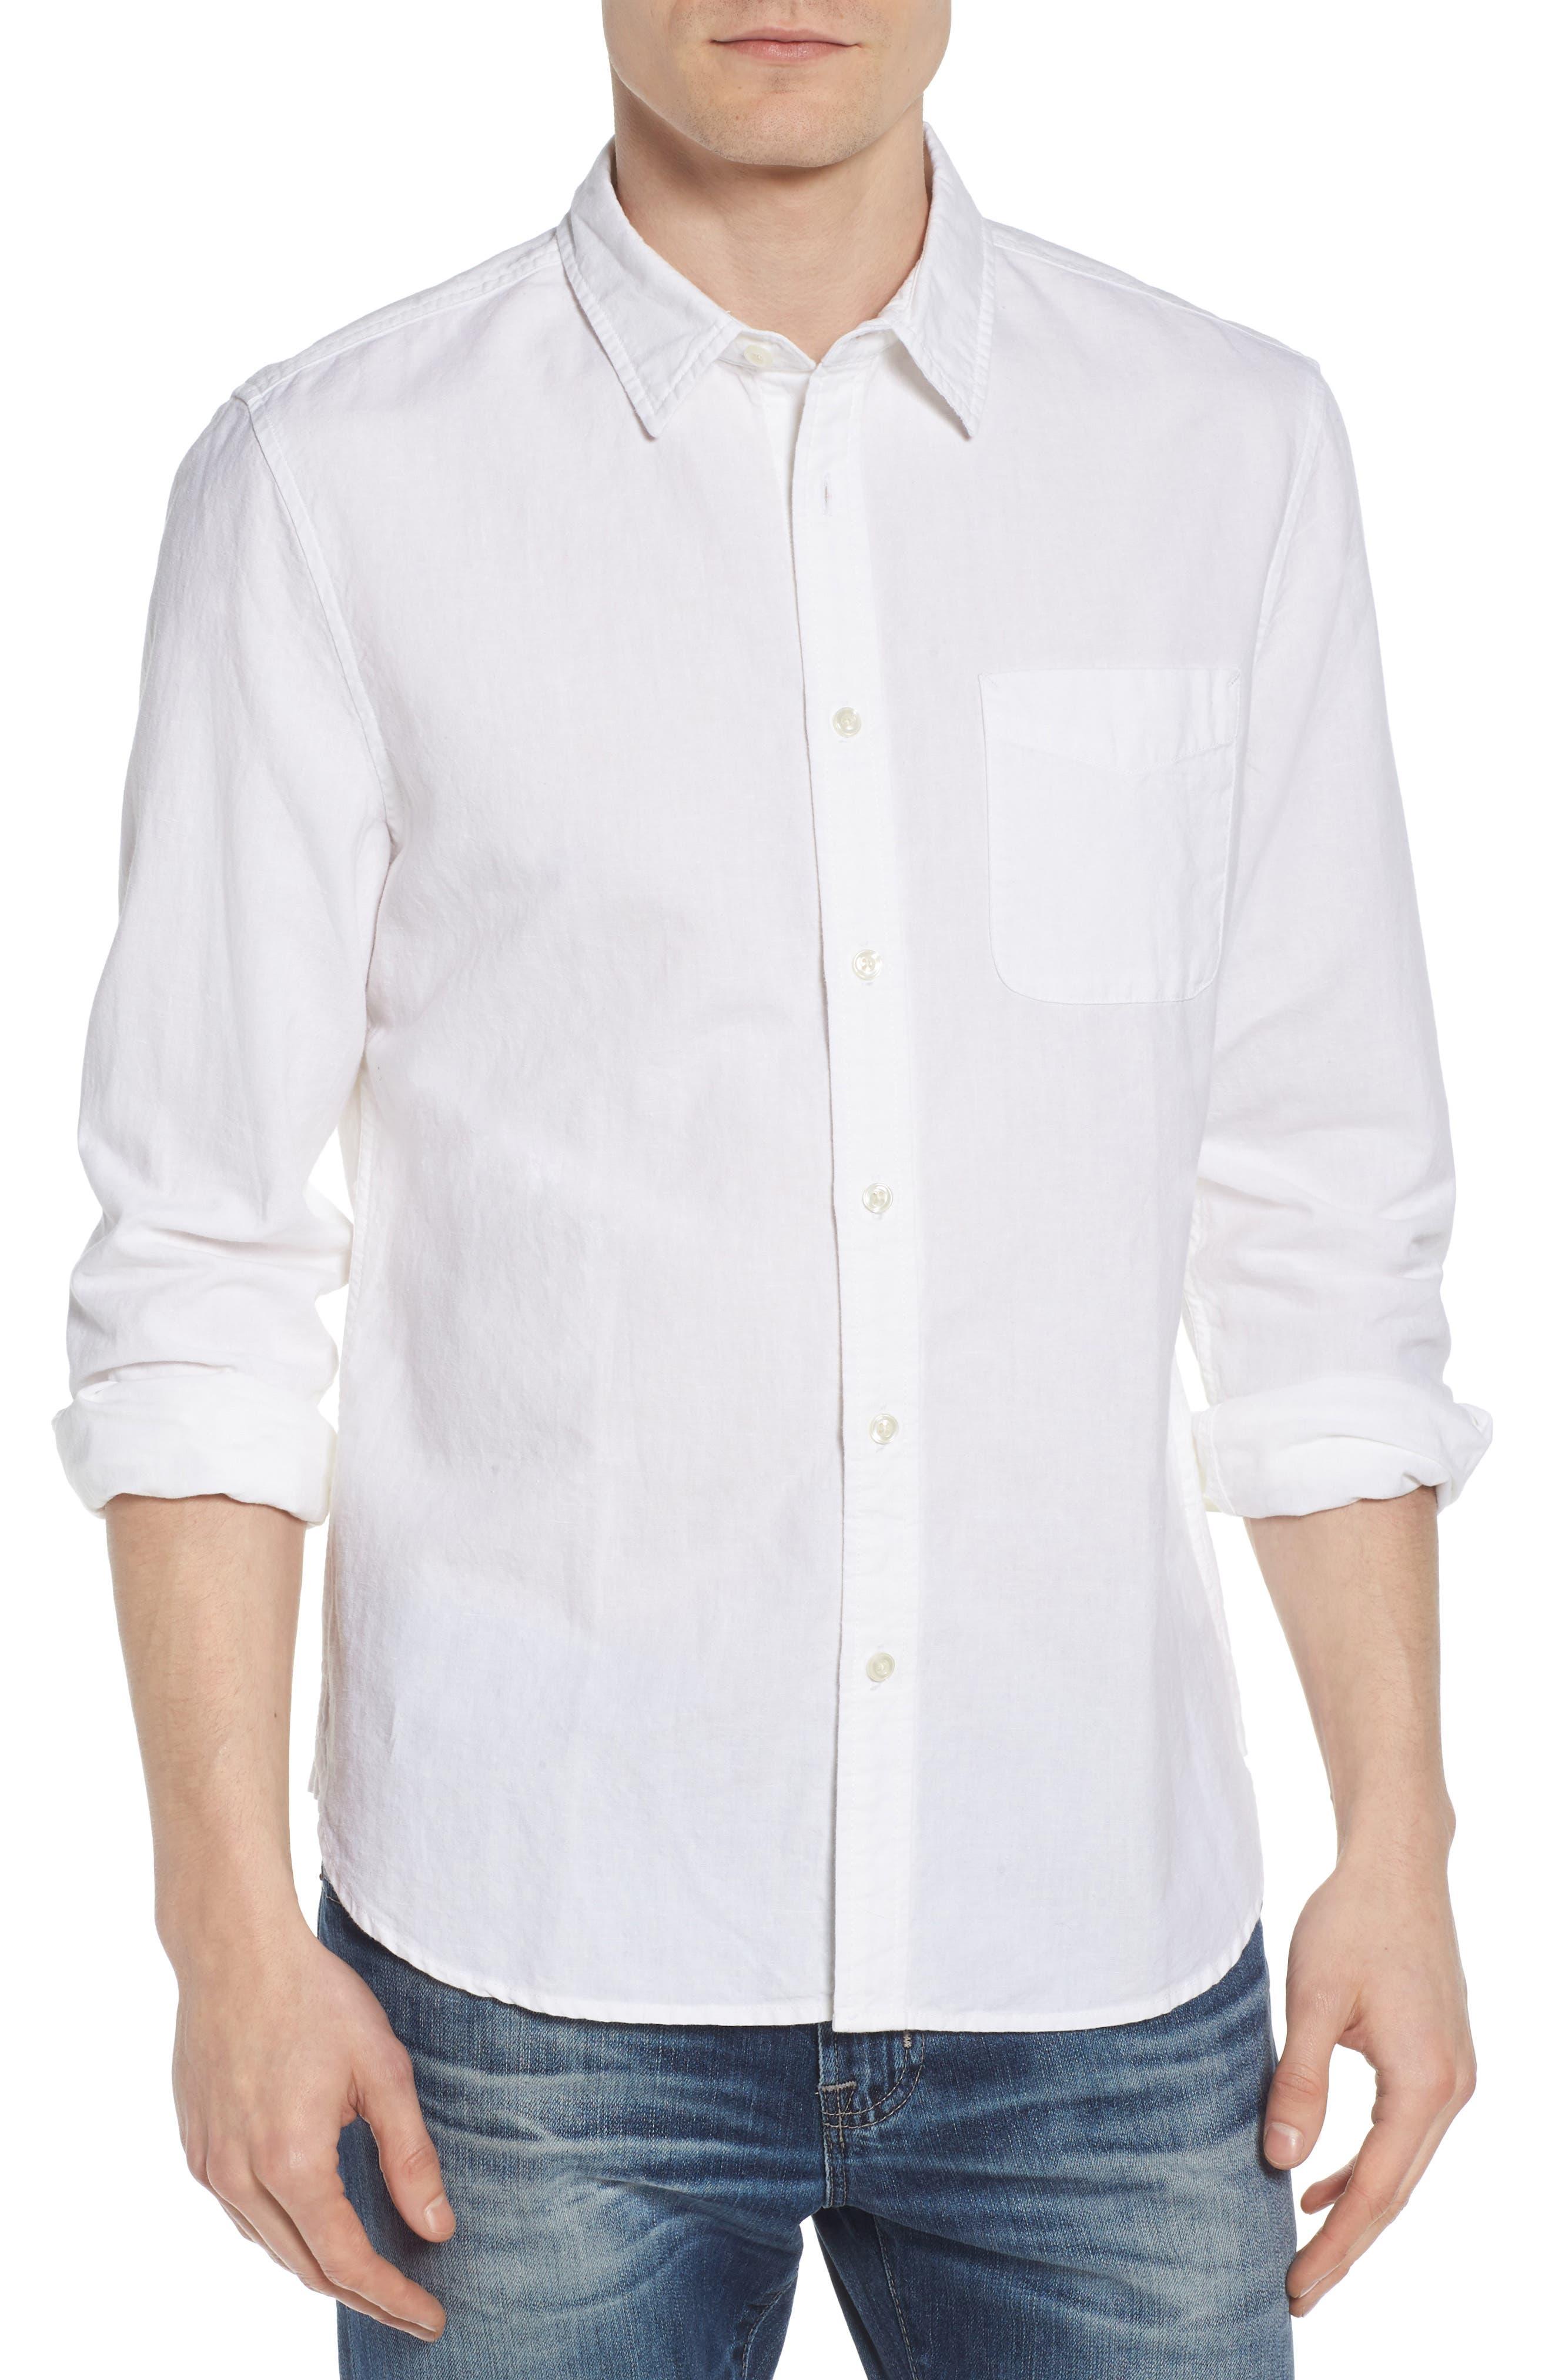 Colton Regular Fit Cotton & Linen Sport Shirt,                             Main thumbnail 1, color,                             TRUE WHITE